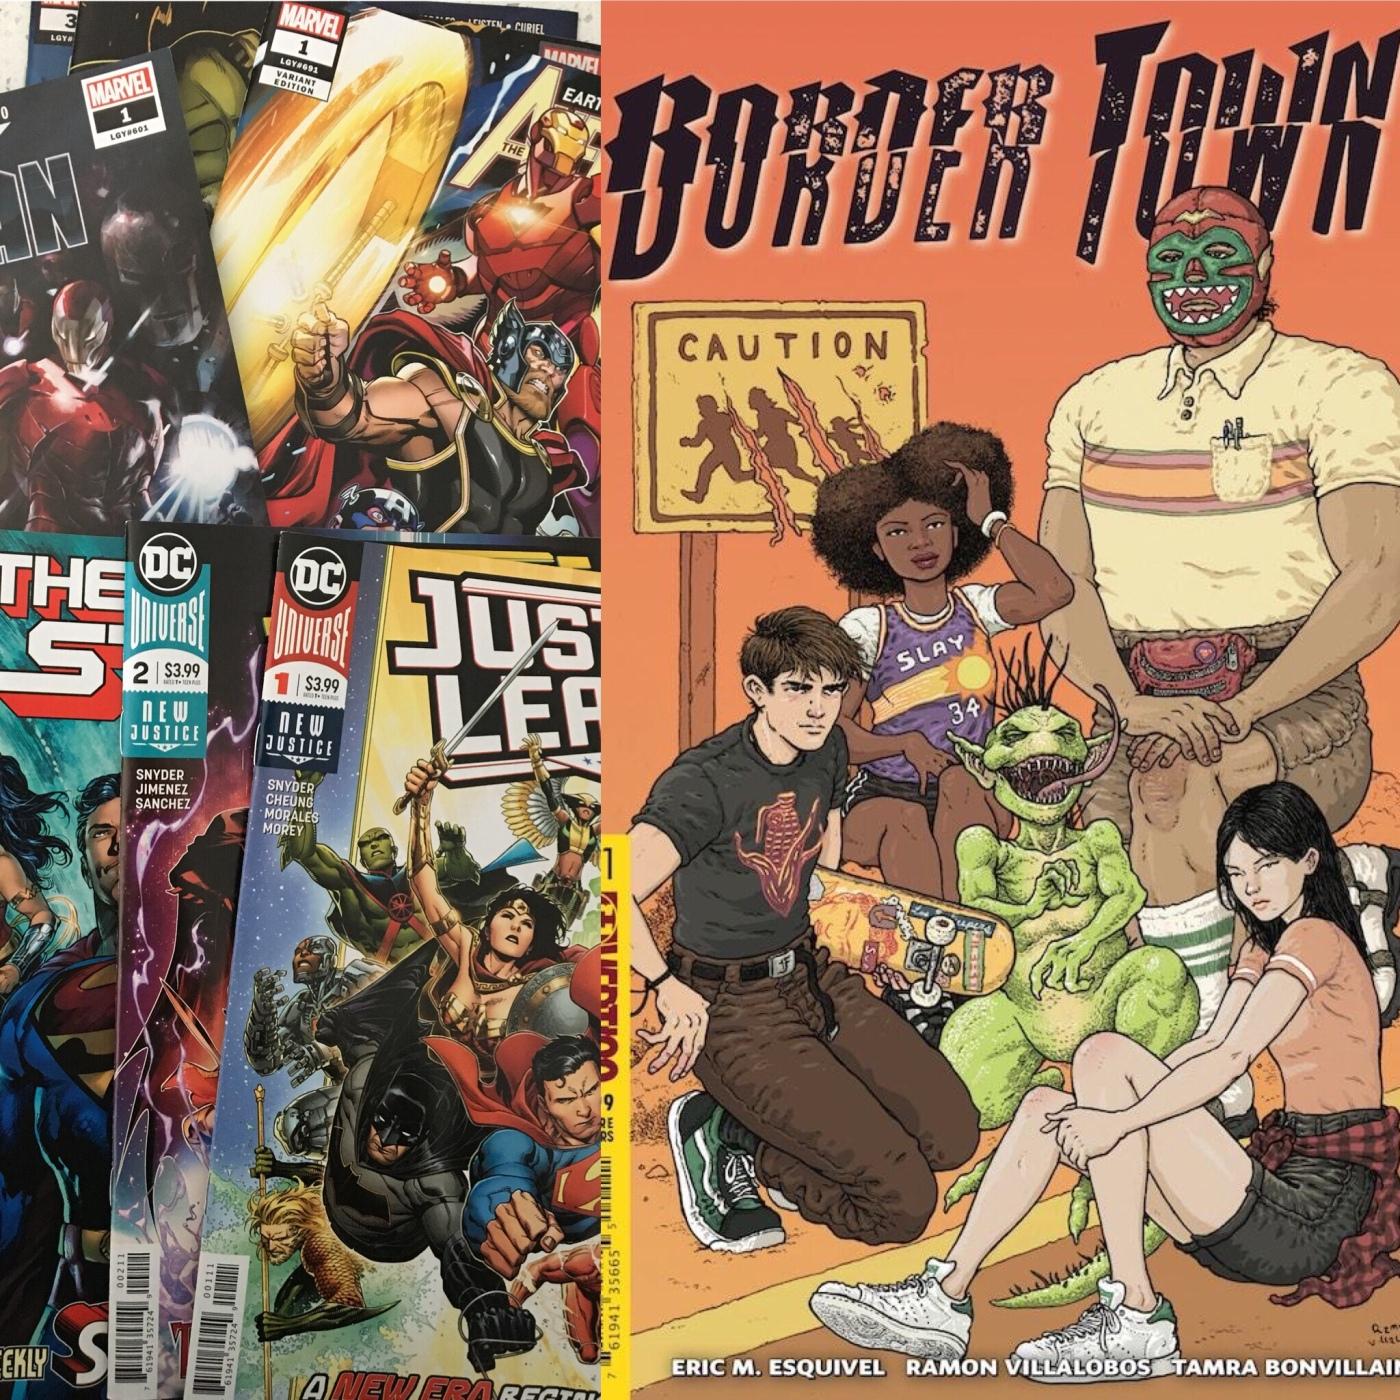 Border Town Vertigo